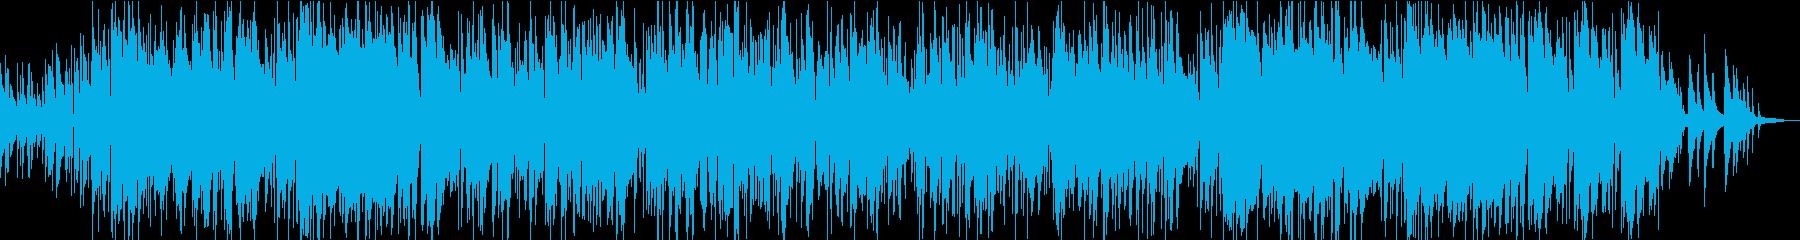 トランペットとサックスの癒し系ジャズの再生済みの波形